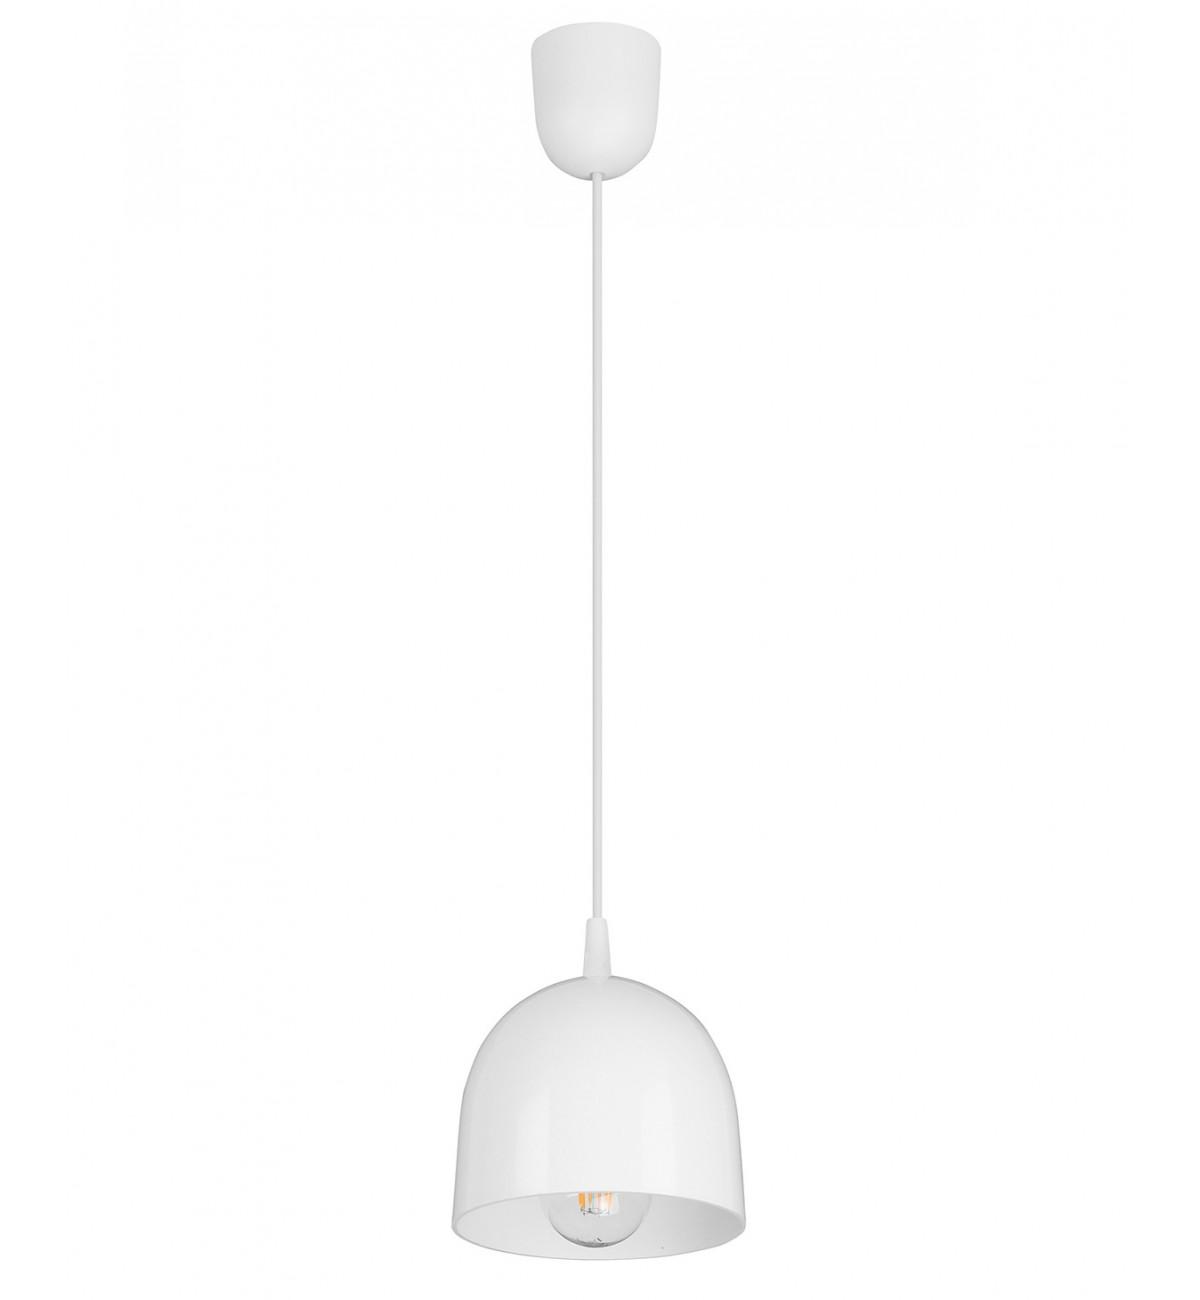 lampa wiszaca regulowana biala klasyczna